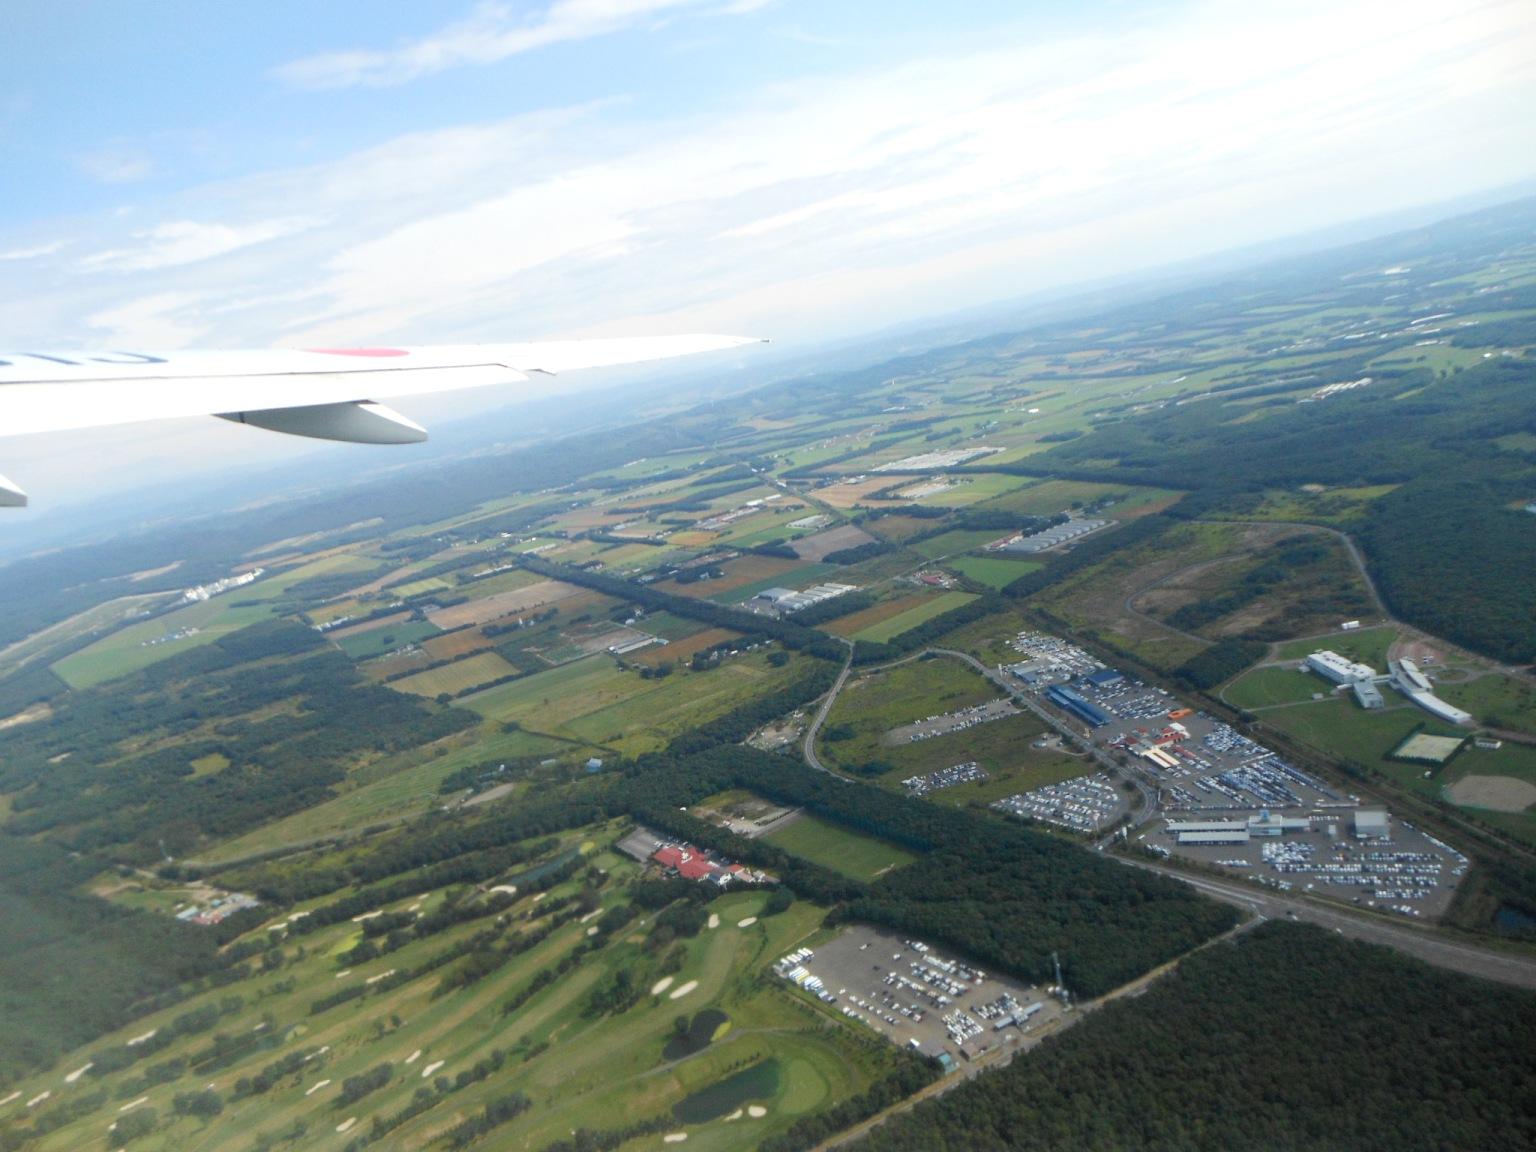 1823) ①「金沢3泊4日旅行 『飛行機からの眺め』」_f0126829_6555066.jpg